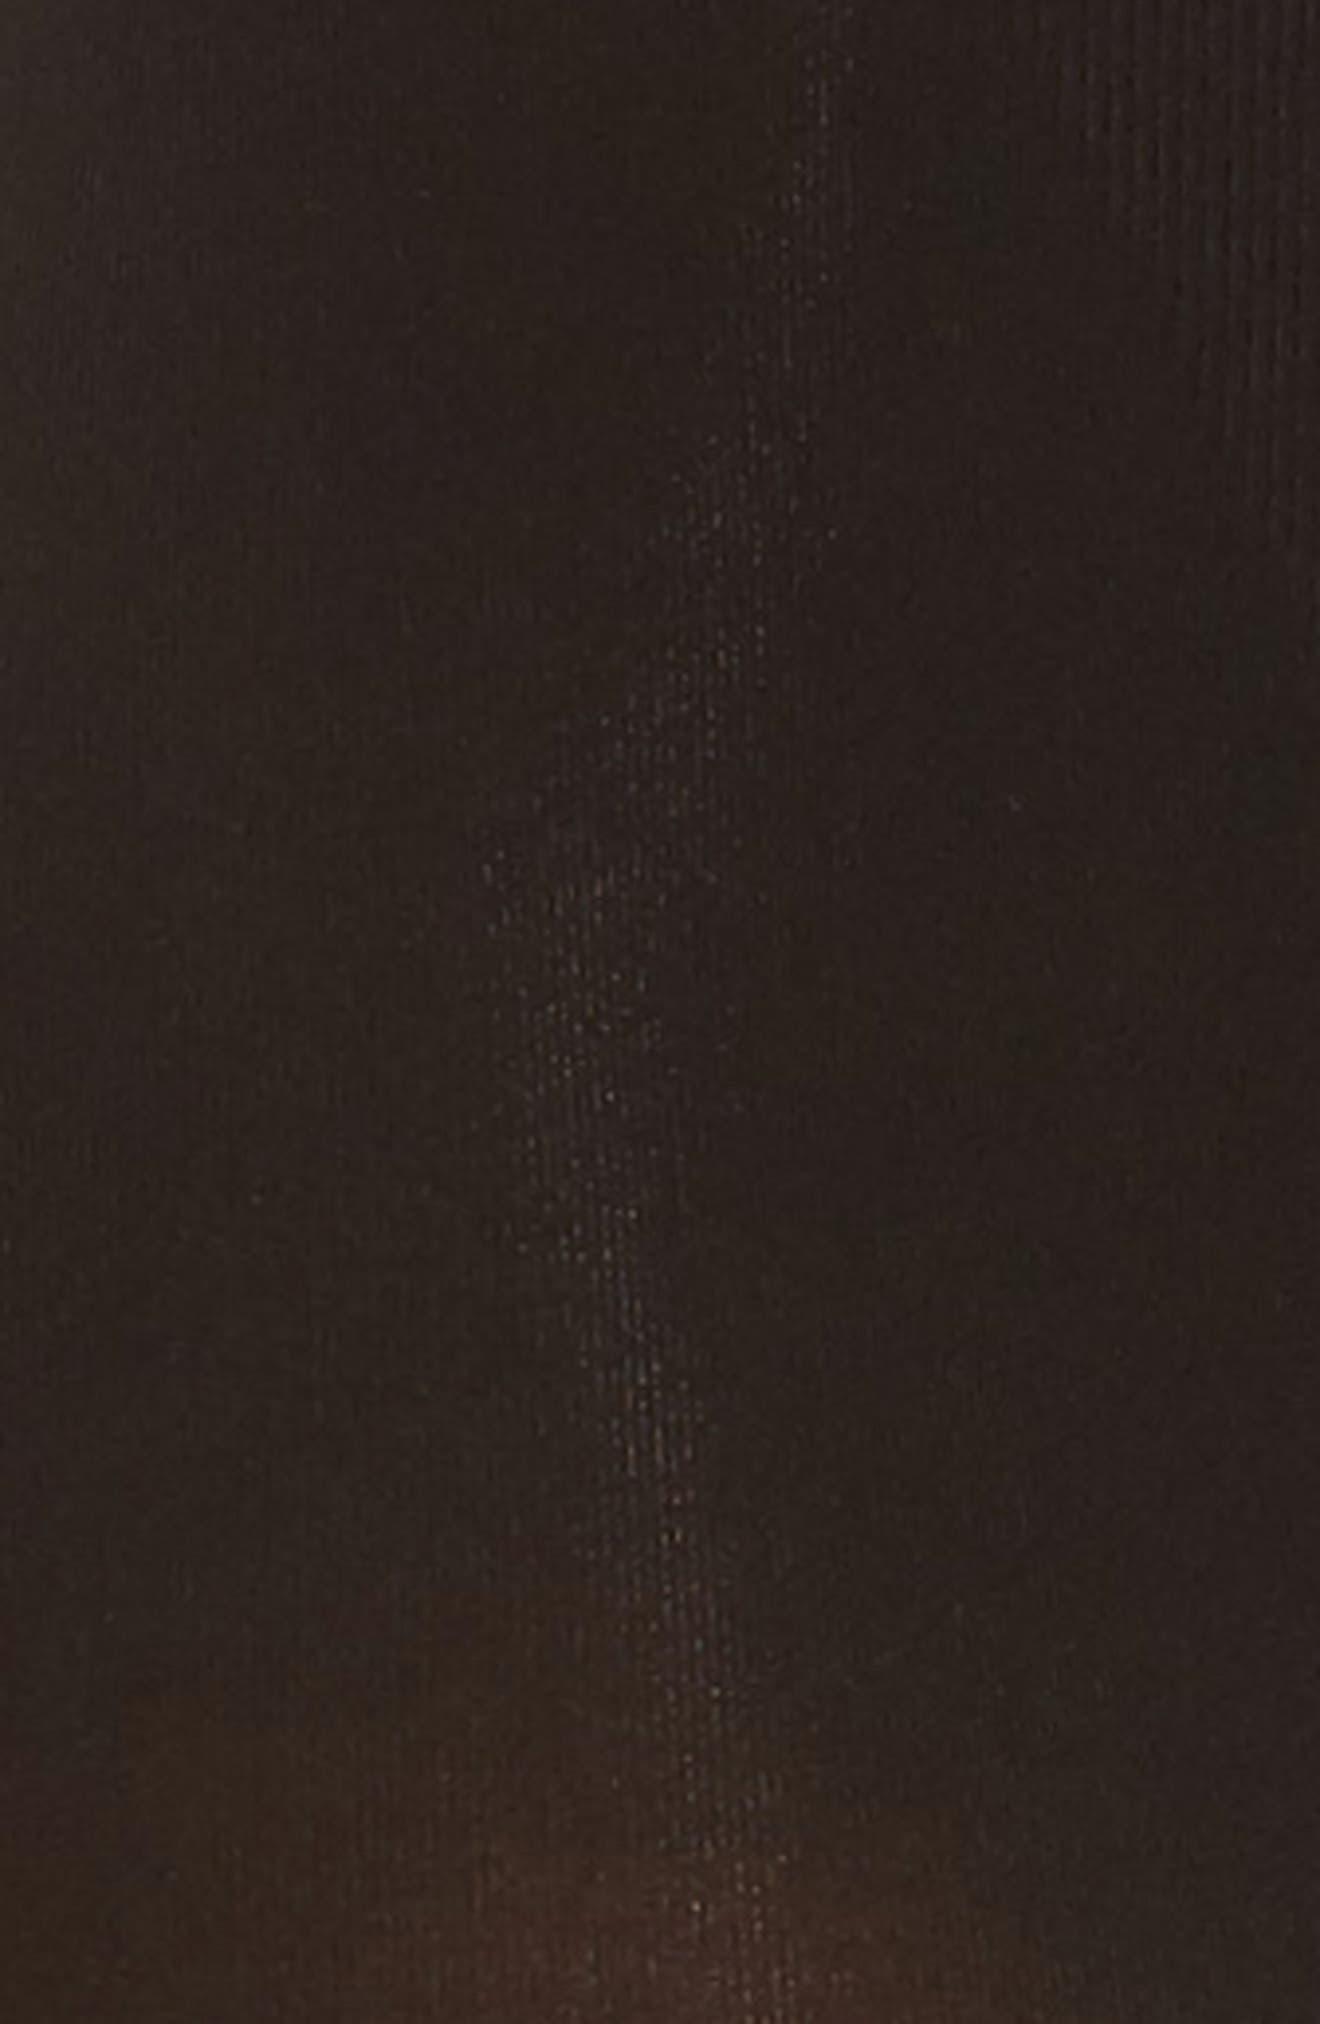 Alternate Image 2  - Donna Karan High Waist Control Top Pantyhose